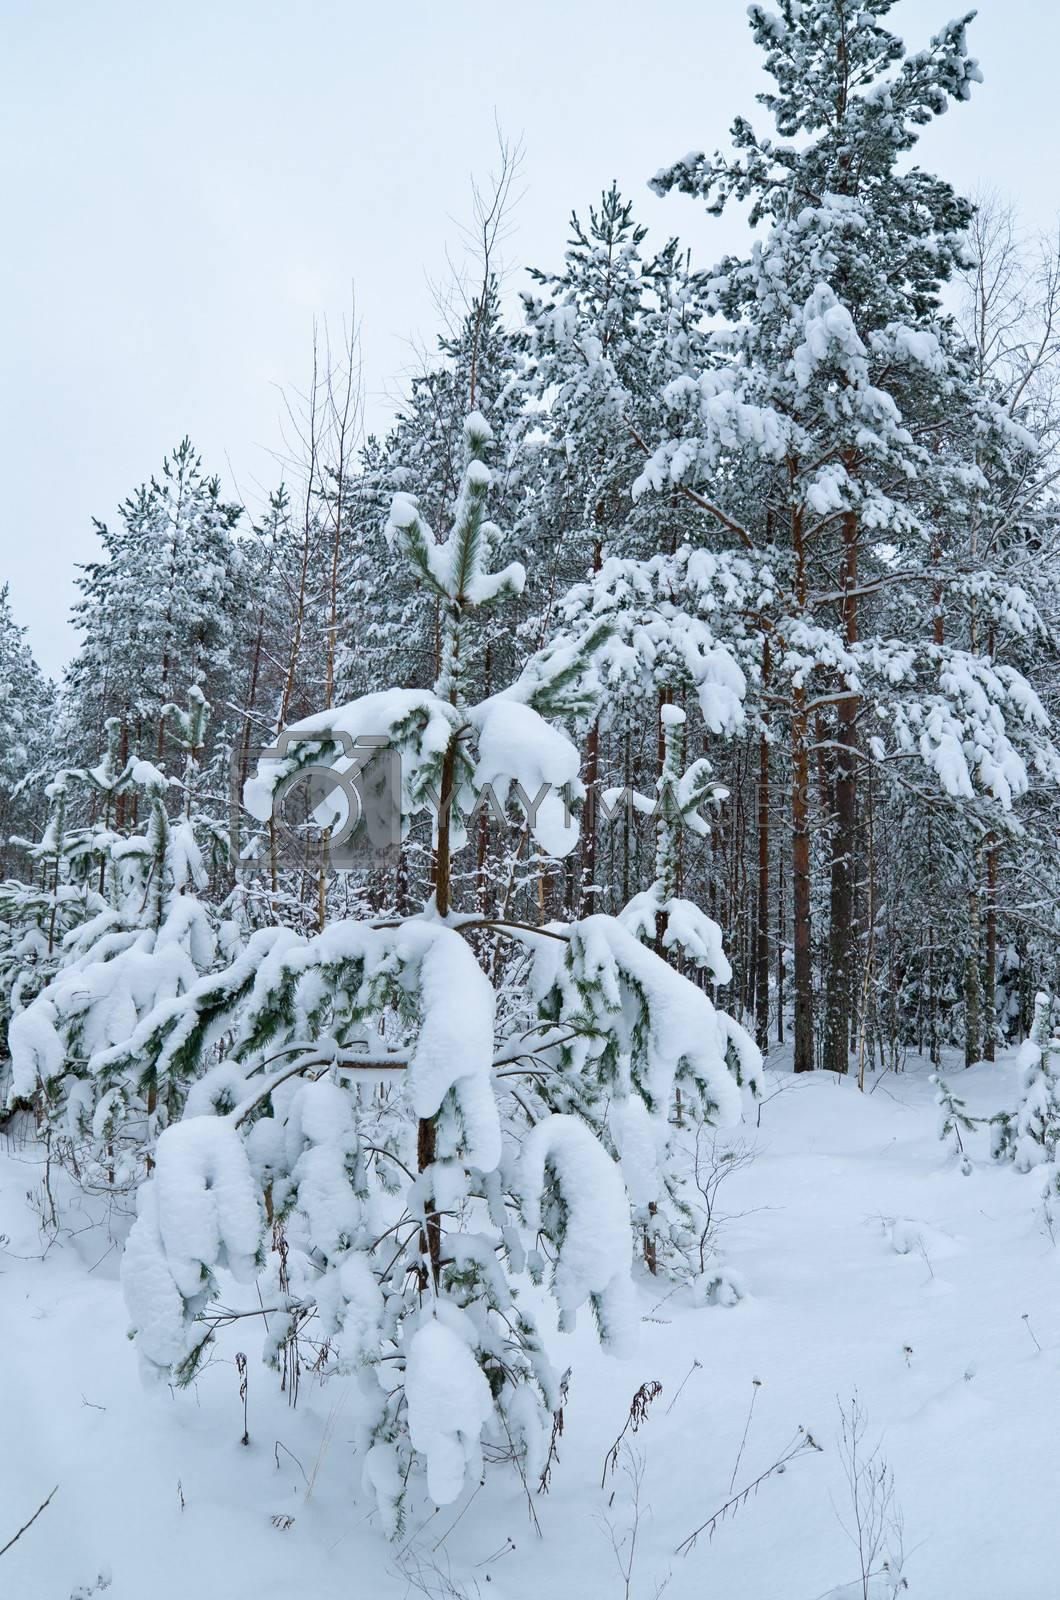 Winter landscape in the forest snowbound